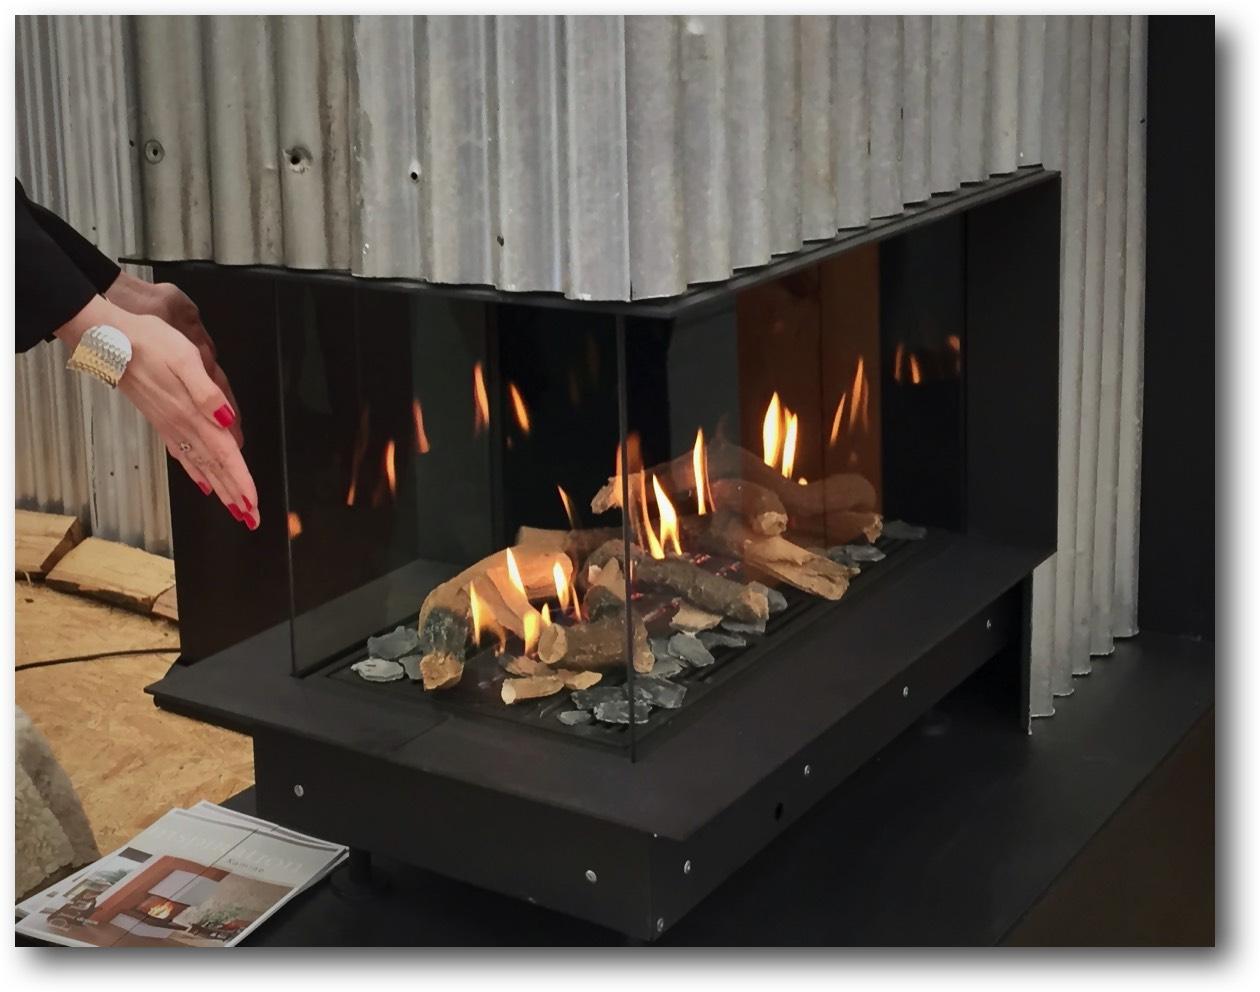 Kamin Magdeburg gaskamine stimmungsvolle abende echte flammen wärme genießen